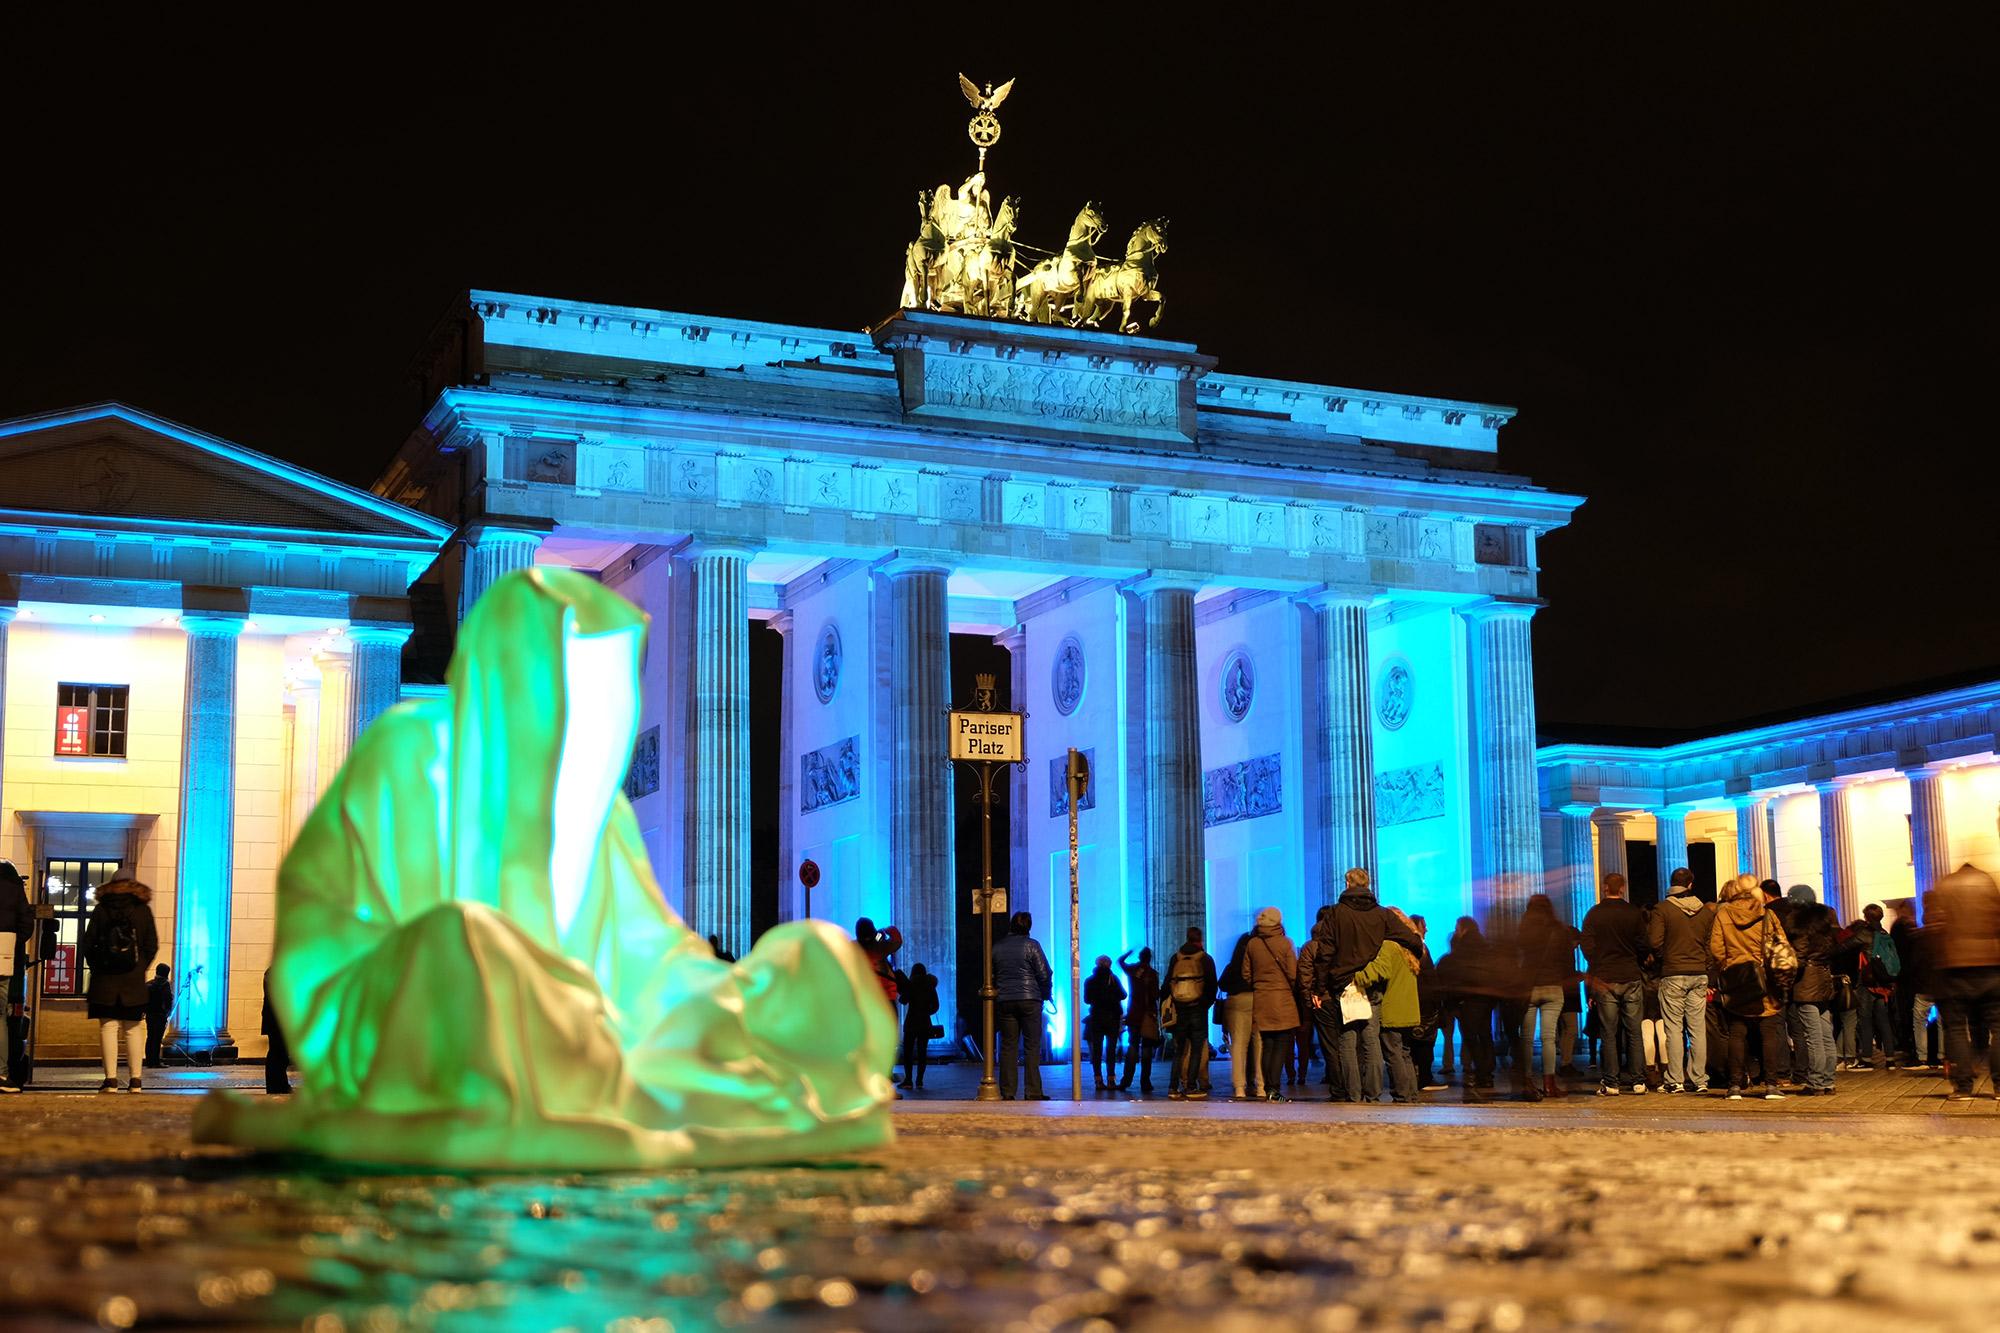 festival-of-lights-berlin-guardians-of-time-manfred-kielnhofer-lumina-light-contemporary-art-design-statue-sculpture-fineart-ghost-faceless-no-face-9463